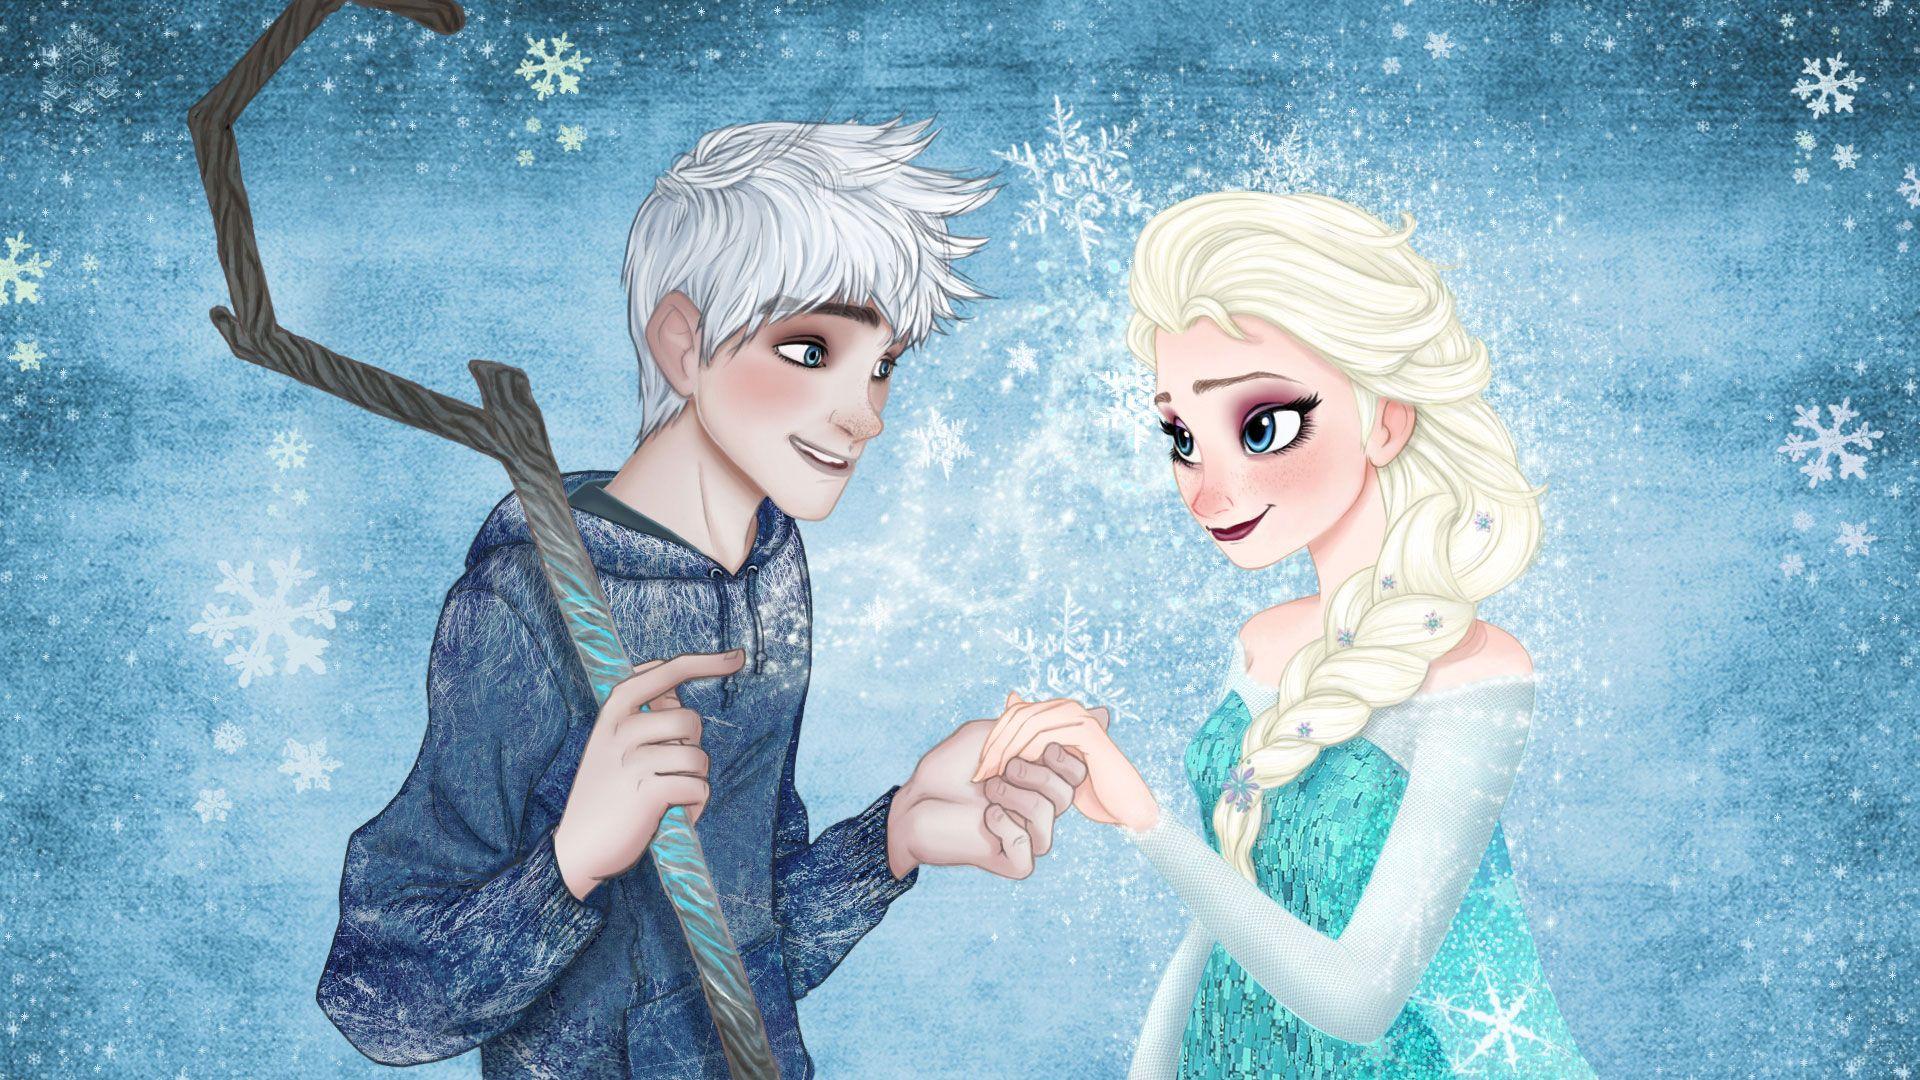 elsa and jack | jack frost and queen elsa wallpaper 2 frozen elsa